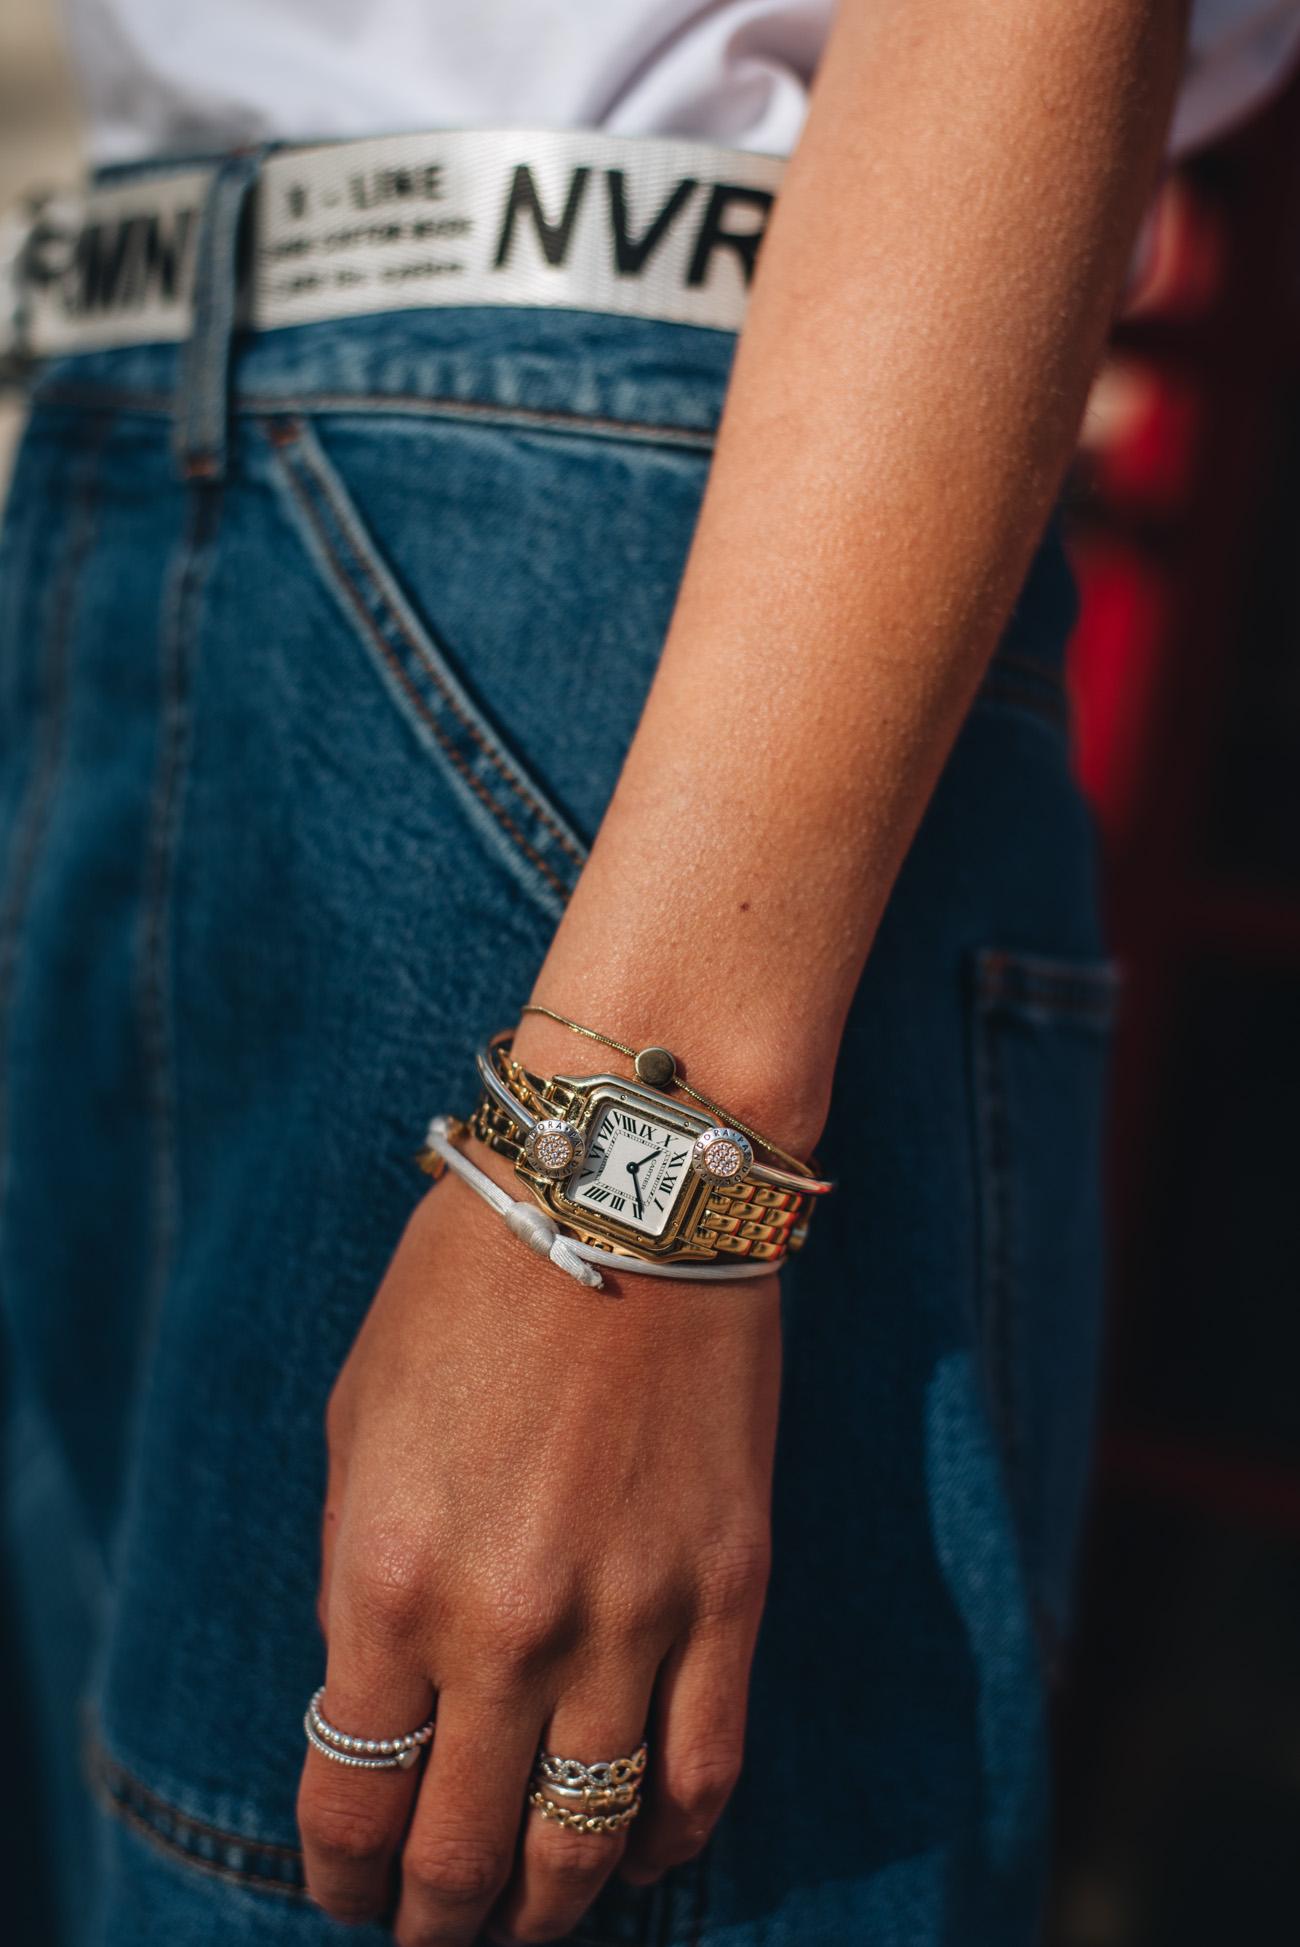 Jeans-Styling-Tipps-im-Alltag-Outfit-kombinieren-fashion-bloggerin-nina-schwichtenberg-fashiioncarpet